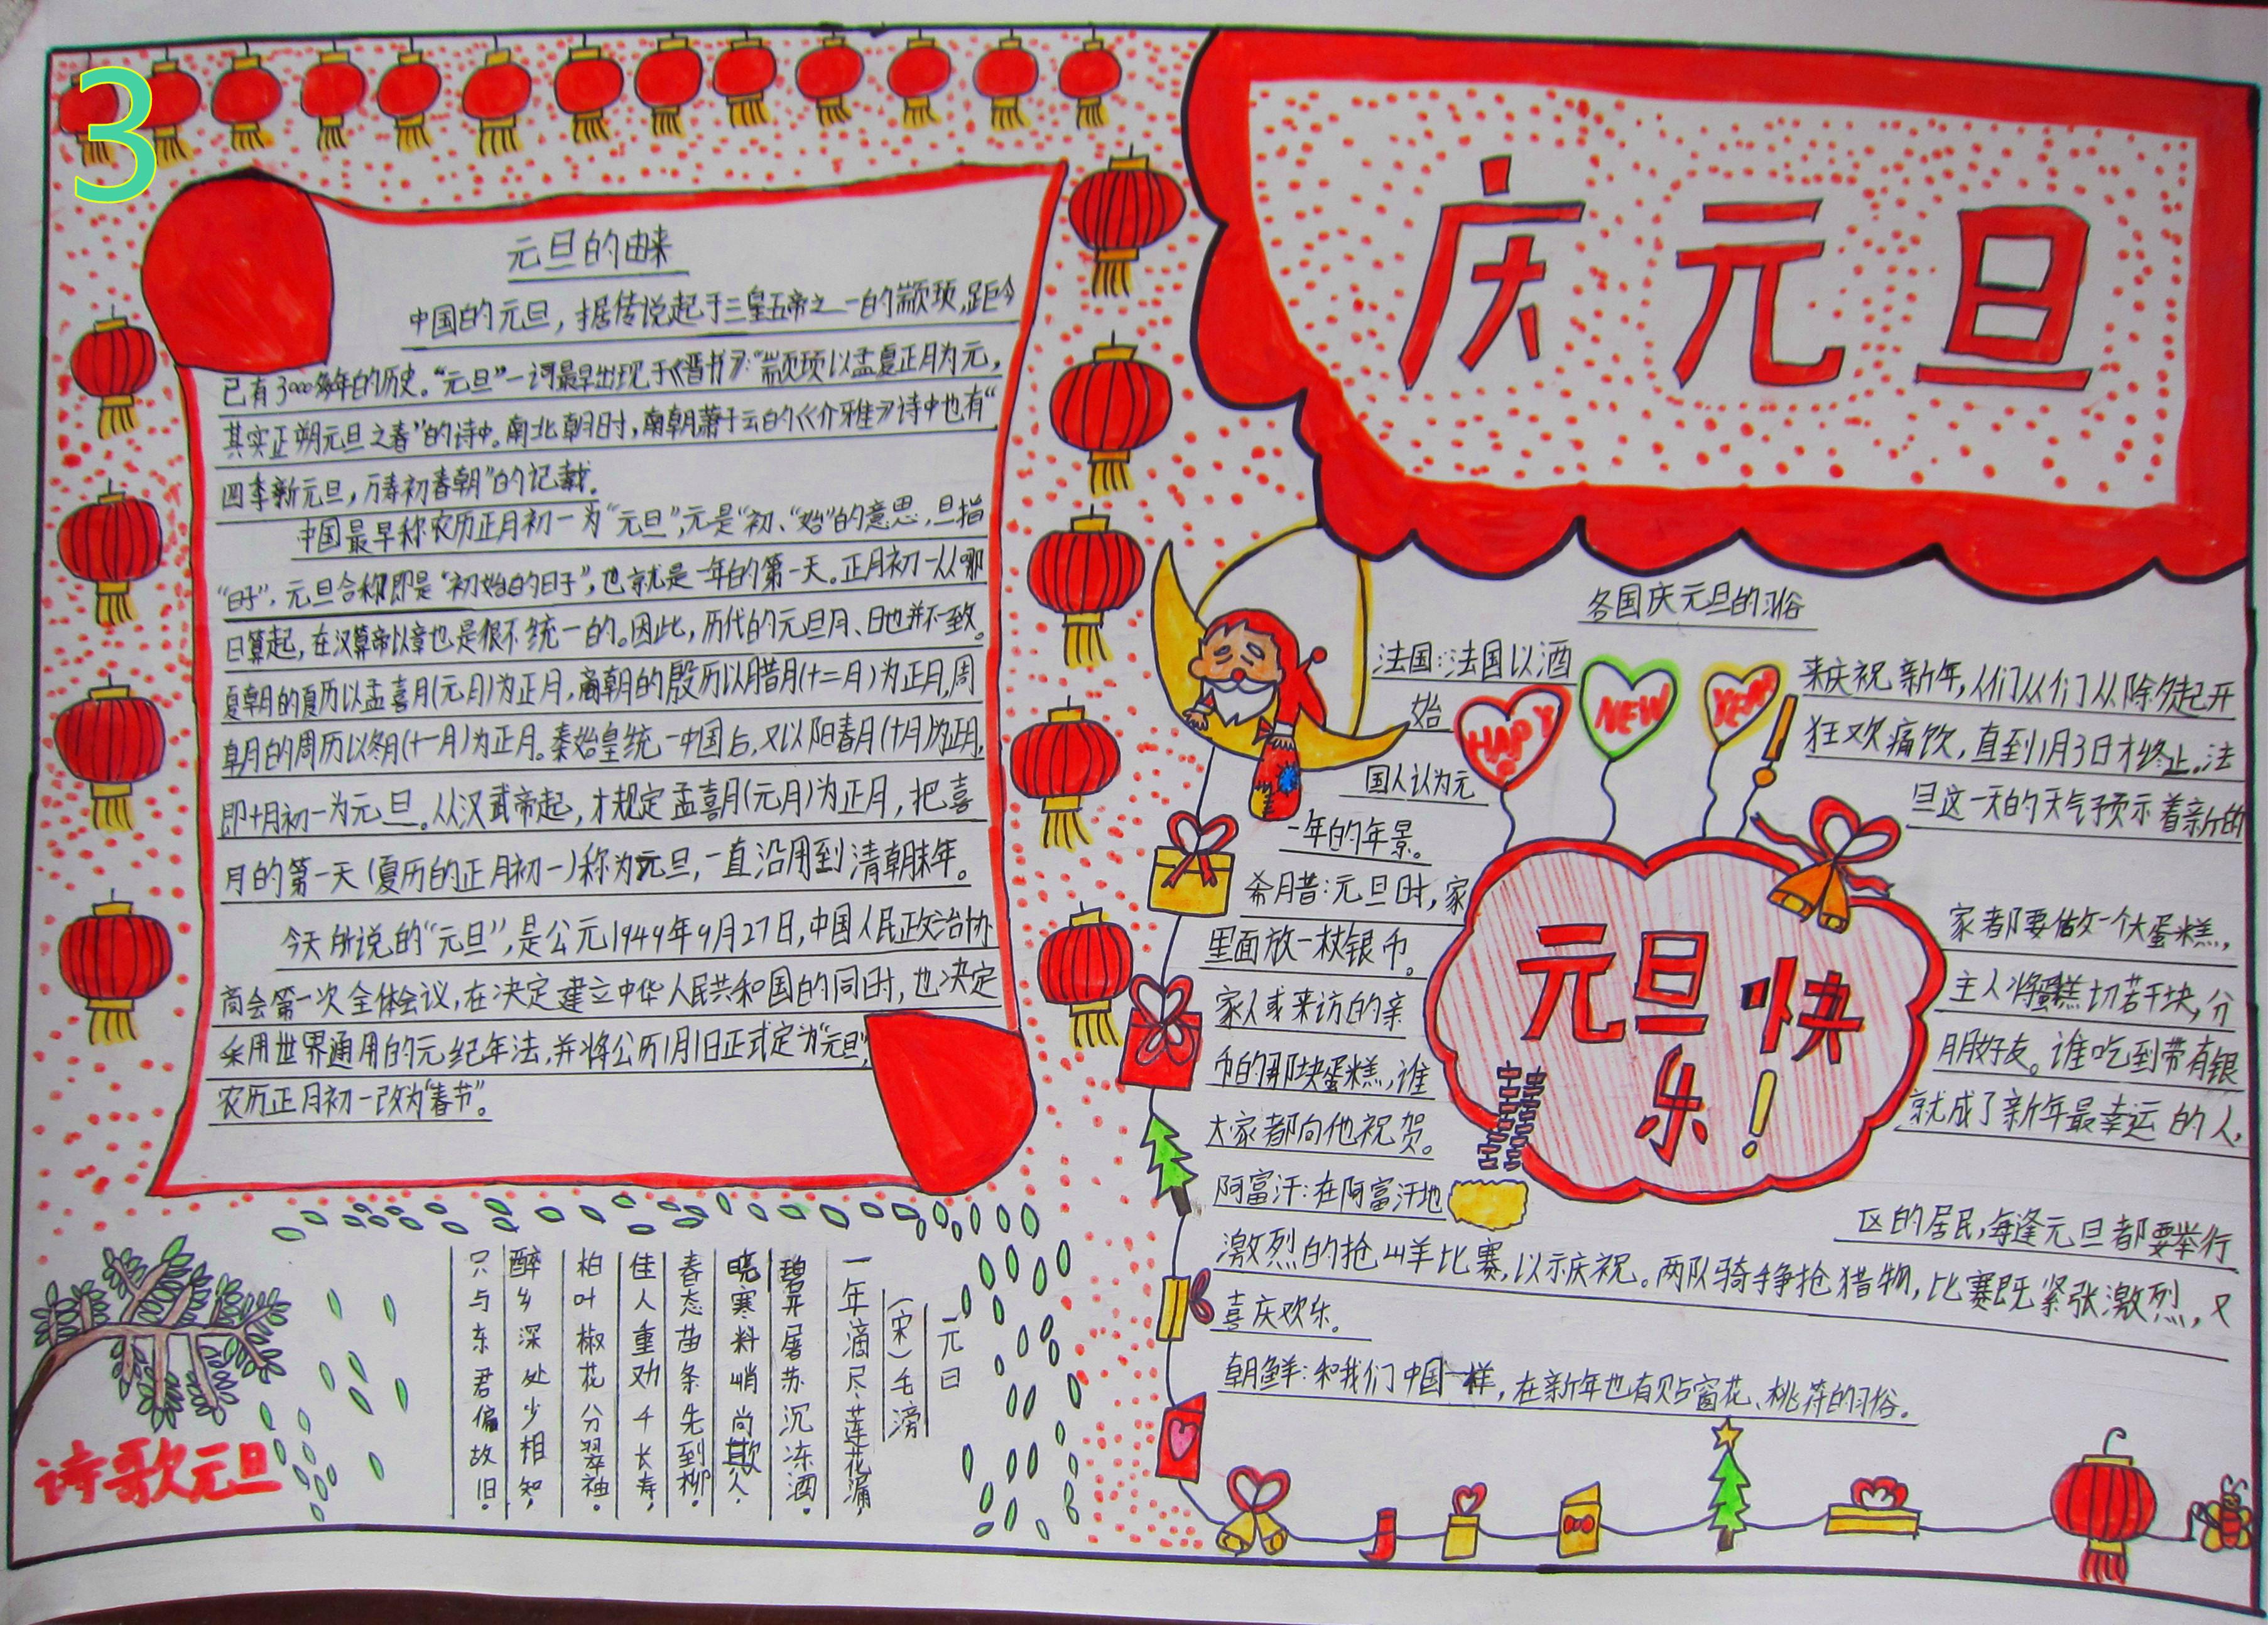 """埭里小学开展""""迎新春庆元旦""""手抄报评比活动迎新年"""